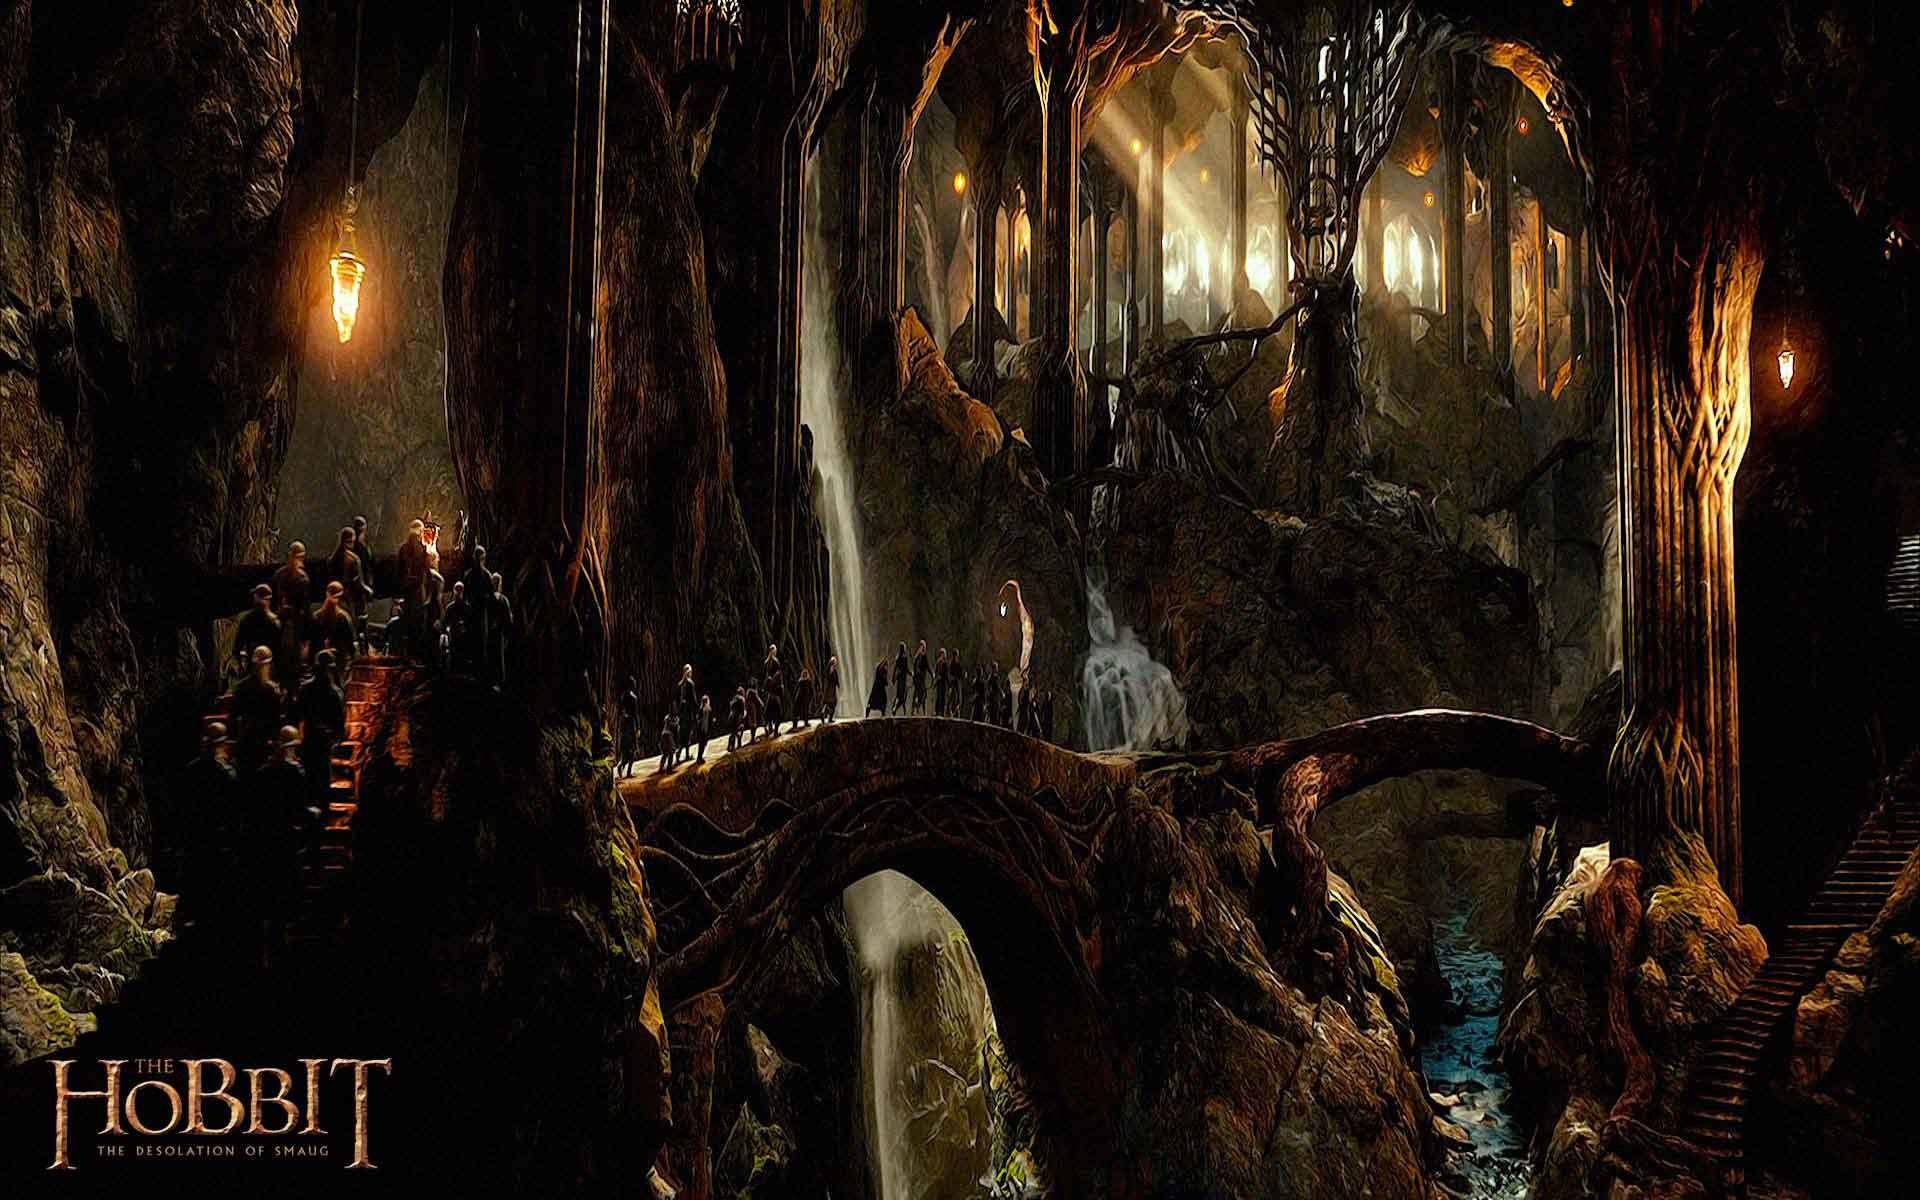 Le Hobbit la Désolation de Smaug est un film réalisé par Peter Jackson avec Martin Freeman Richard Armitage Synopsis Les aventures de Bilbon Sacquet